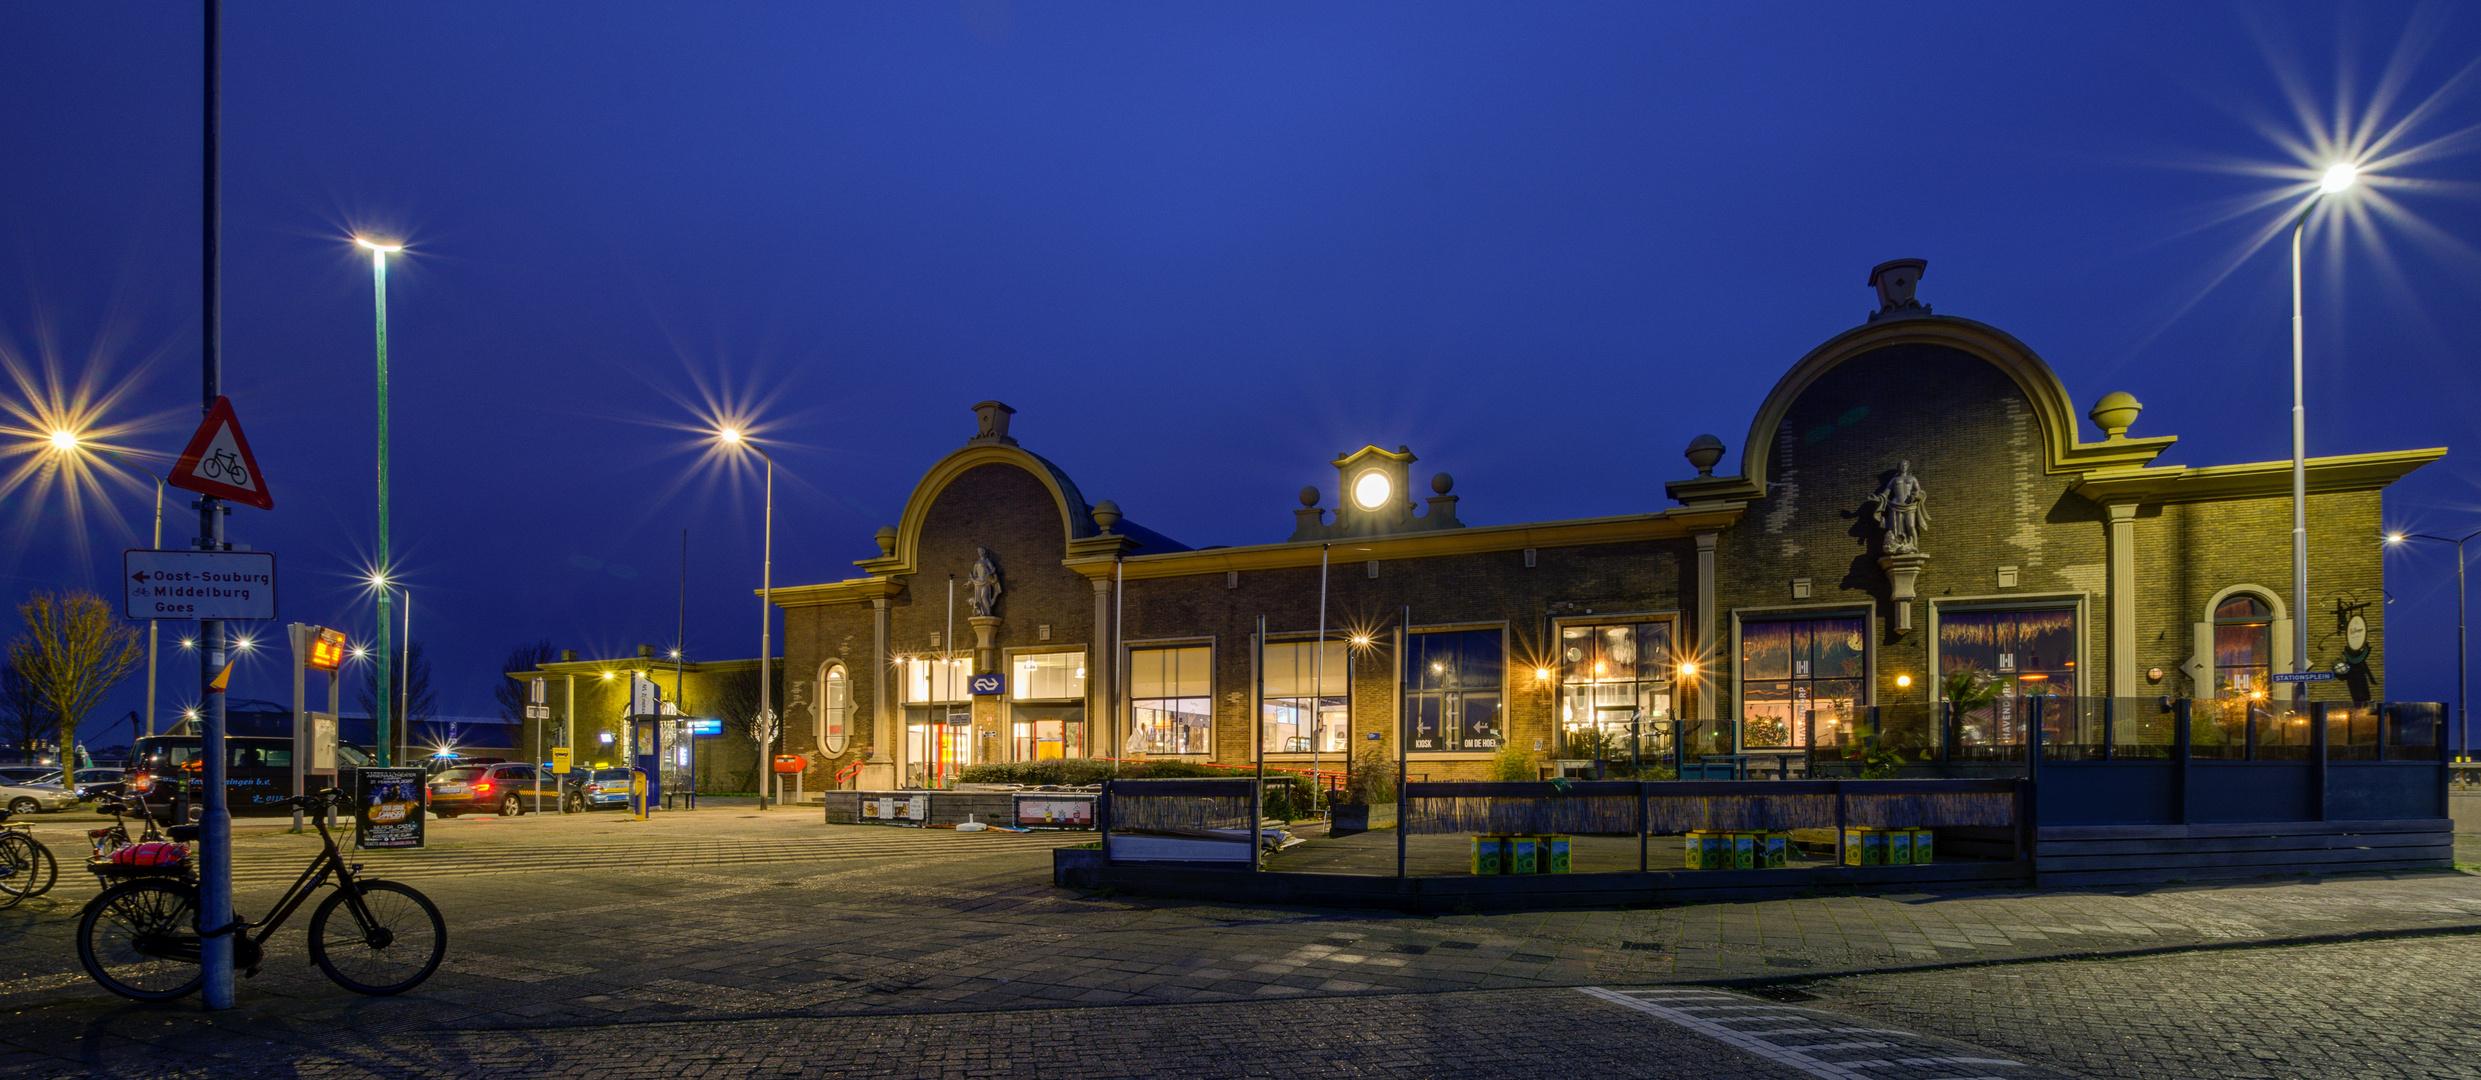 Vlissingen - Railway Station - 04